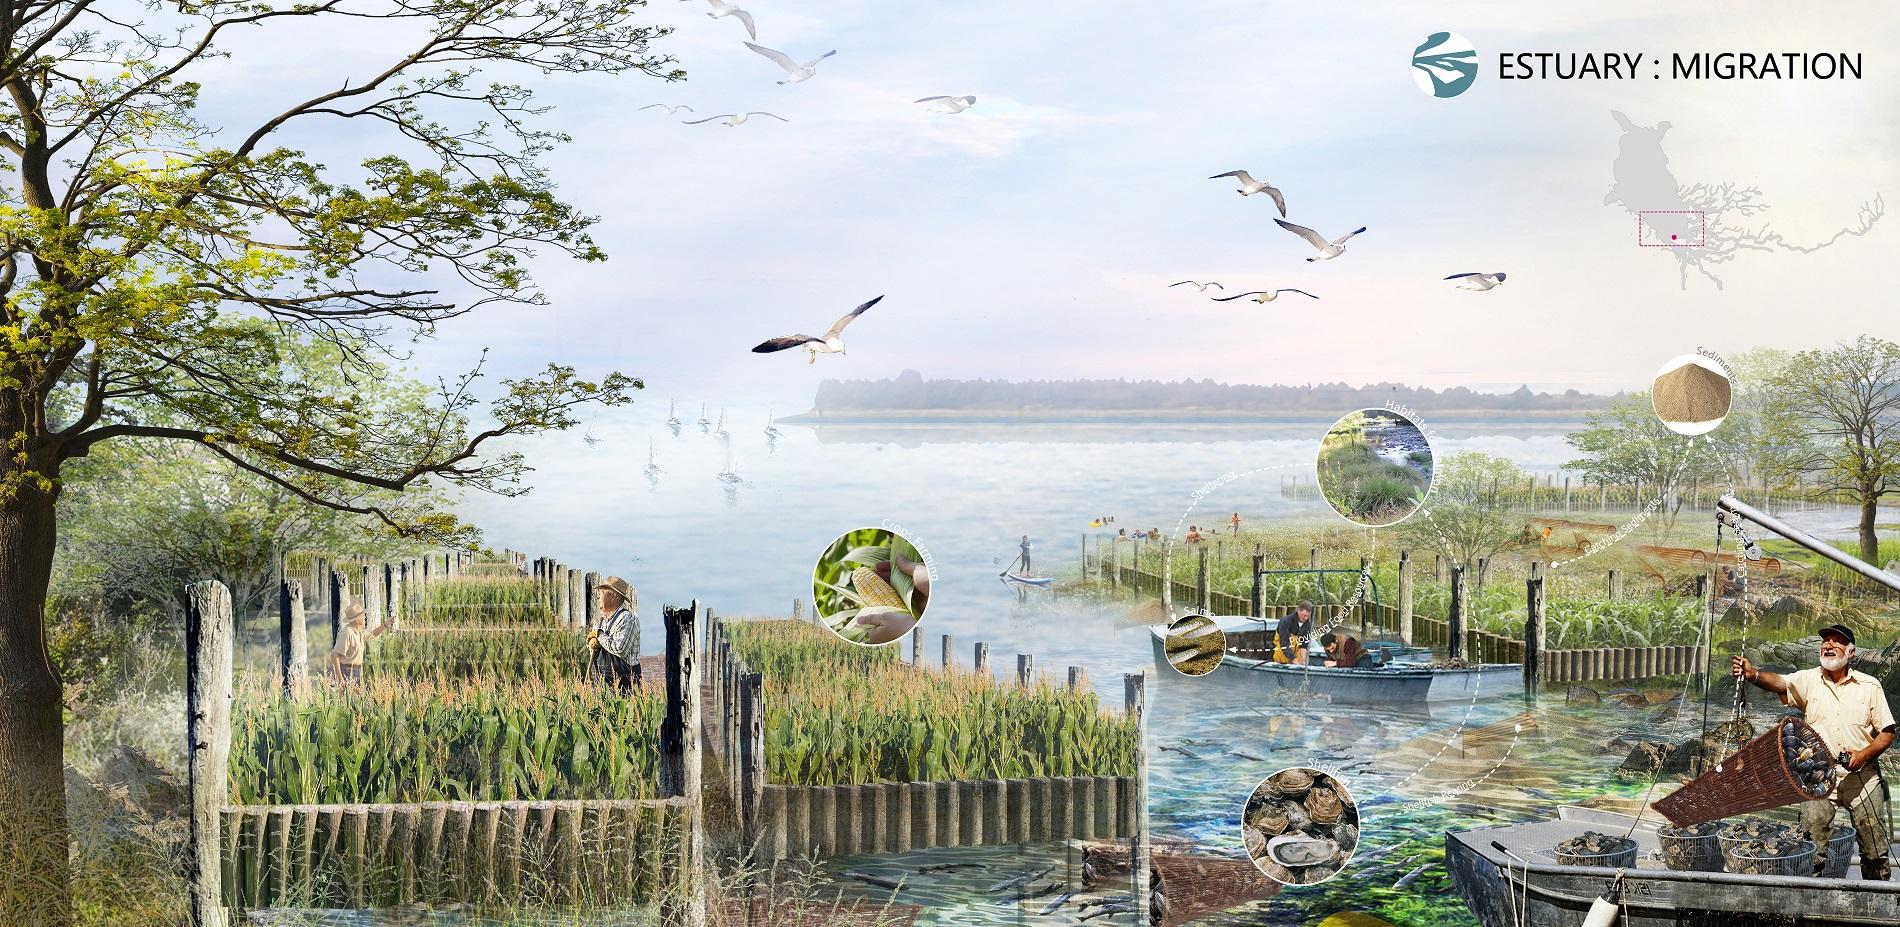 Estuary:migration